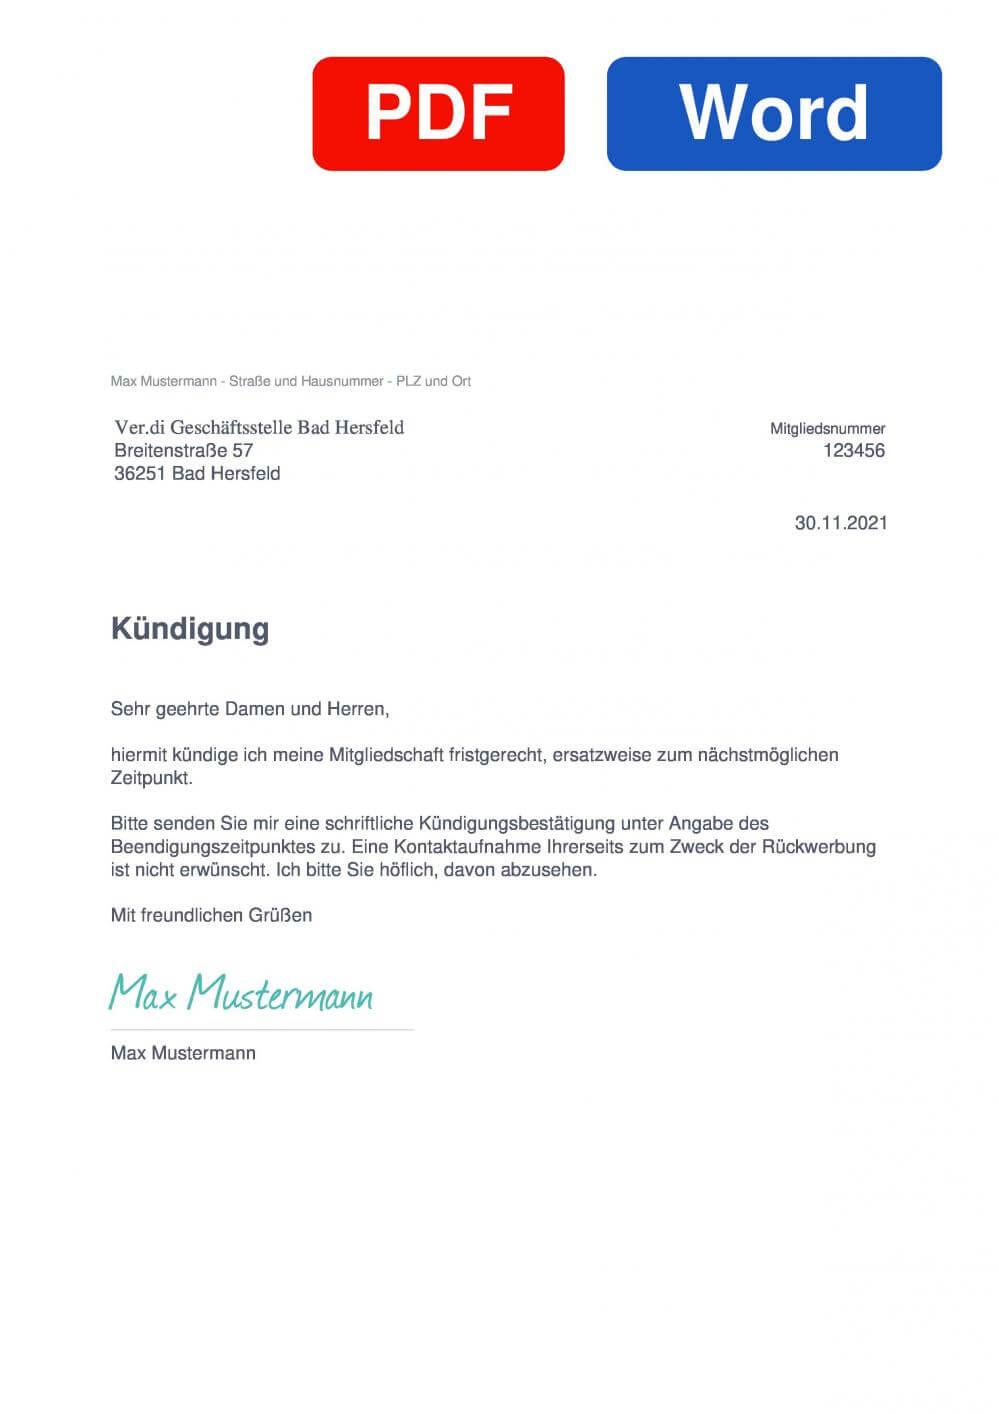 Verdi Bad Hersfeld Muster Vorlage für Kündigungsschreiben